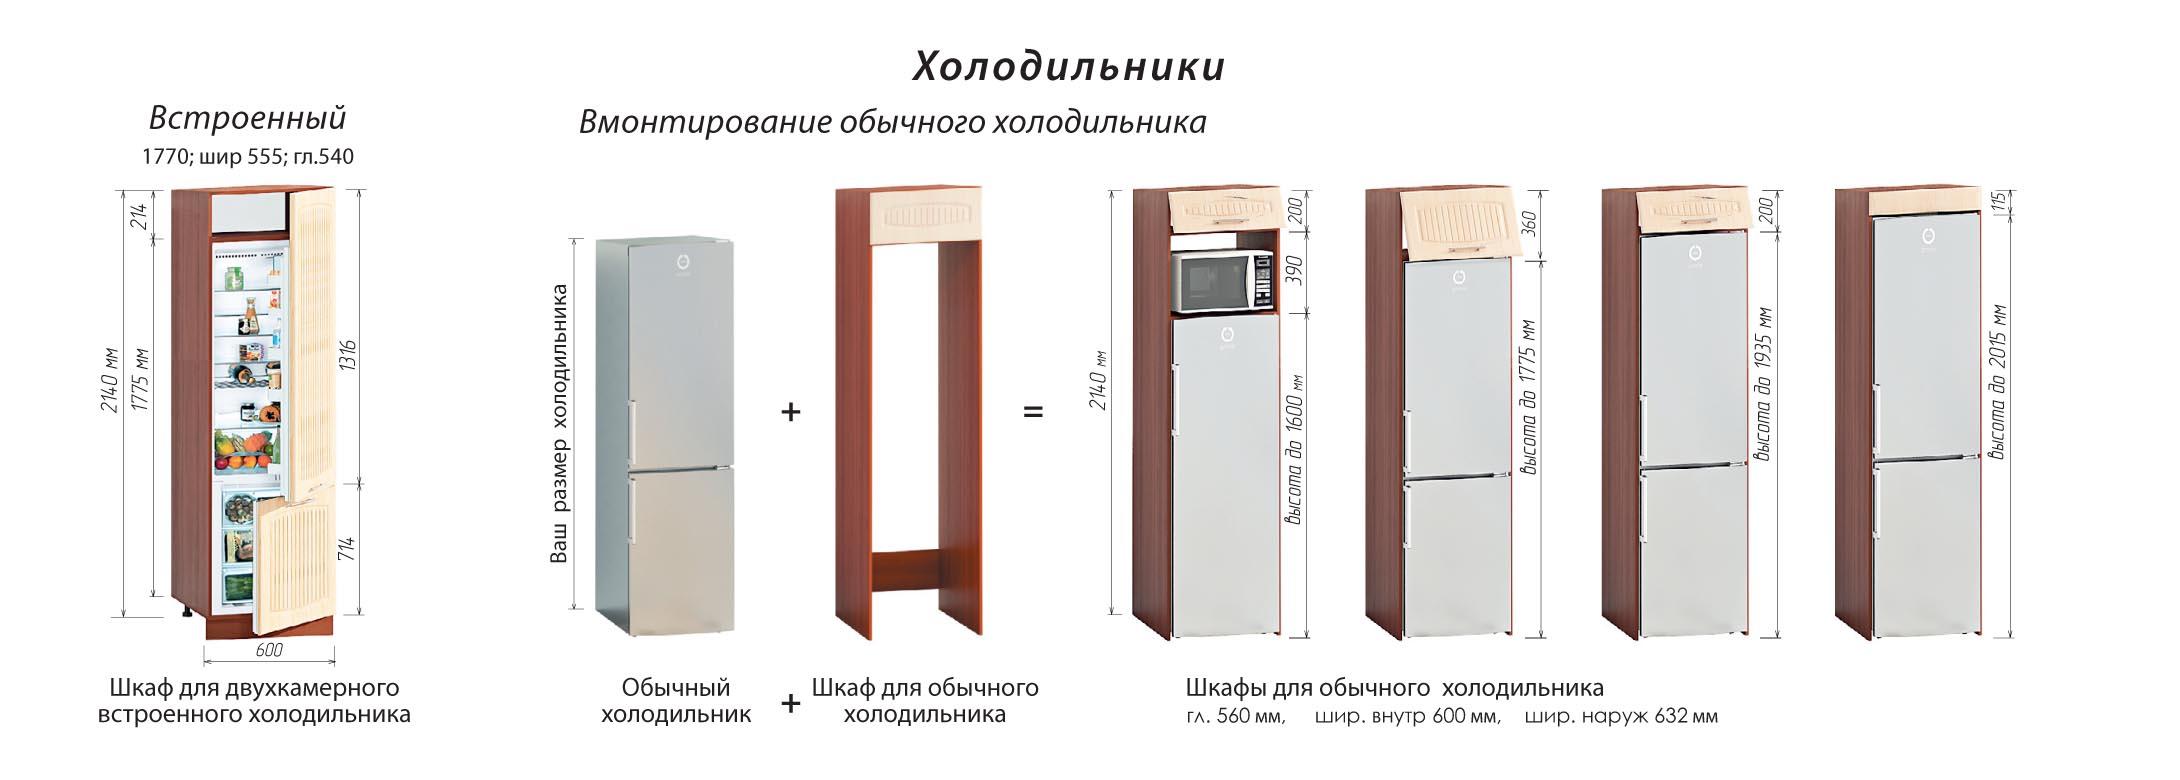 Как обычный холодильник сделать встраиваемым